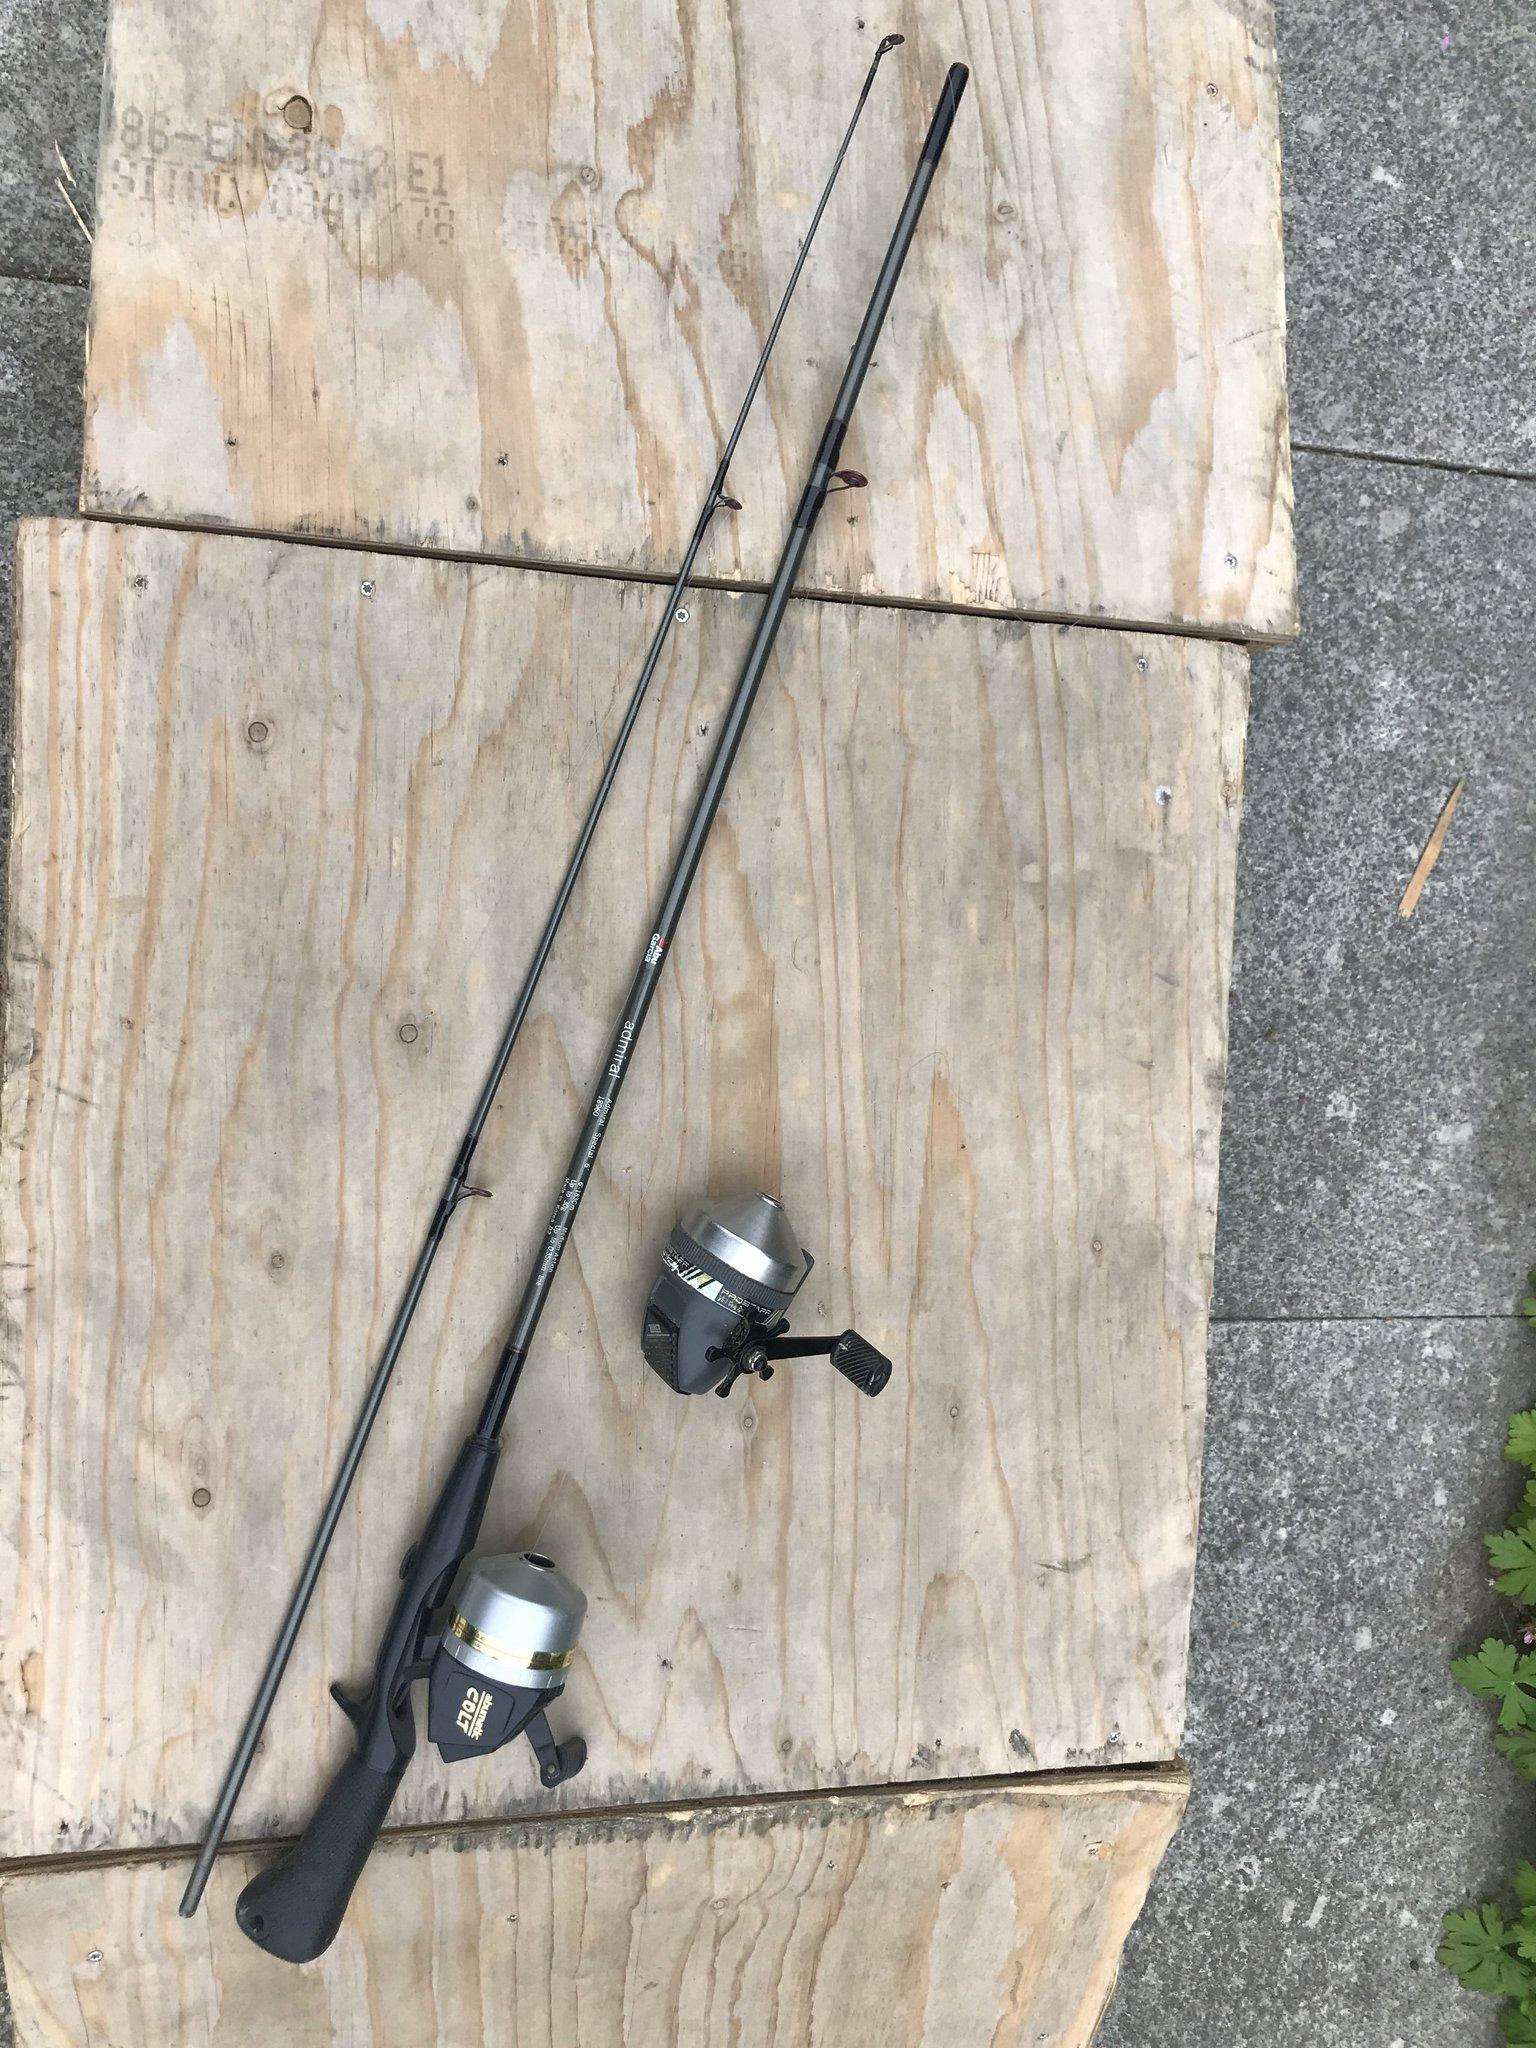 Kanon Spö Kastspö abumatic (356794977) ᐈ Köp på Tradera OW-83